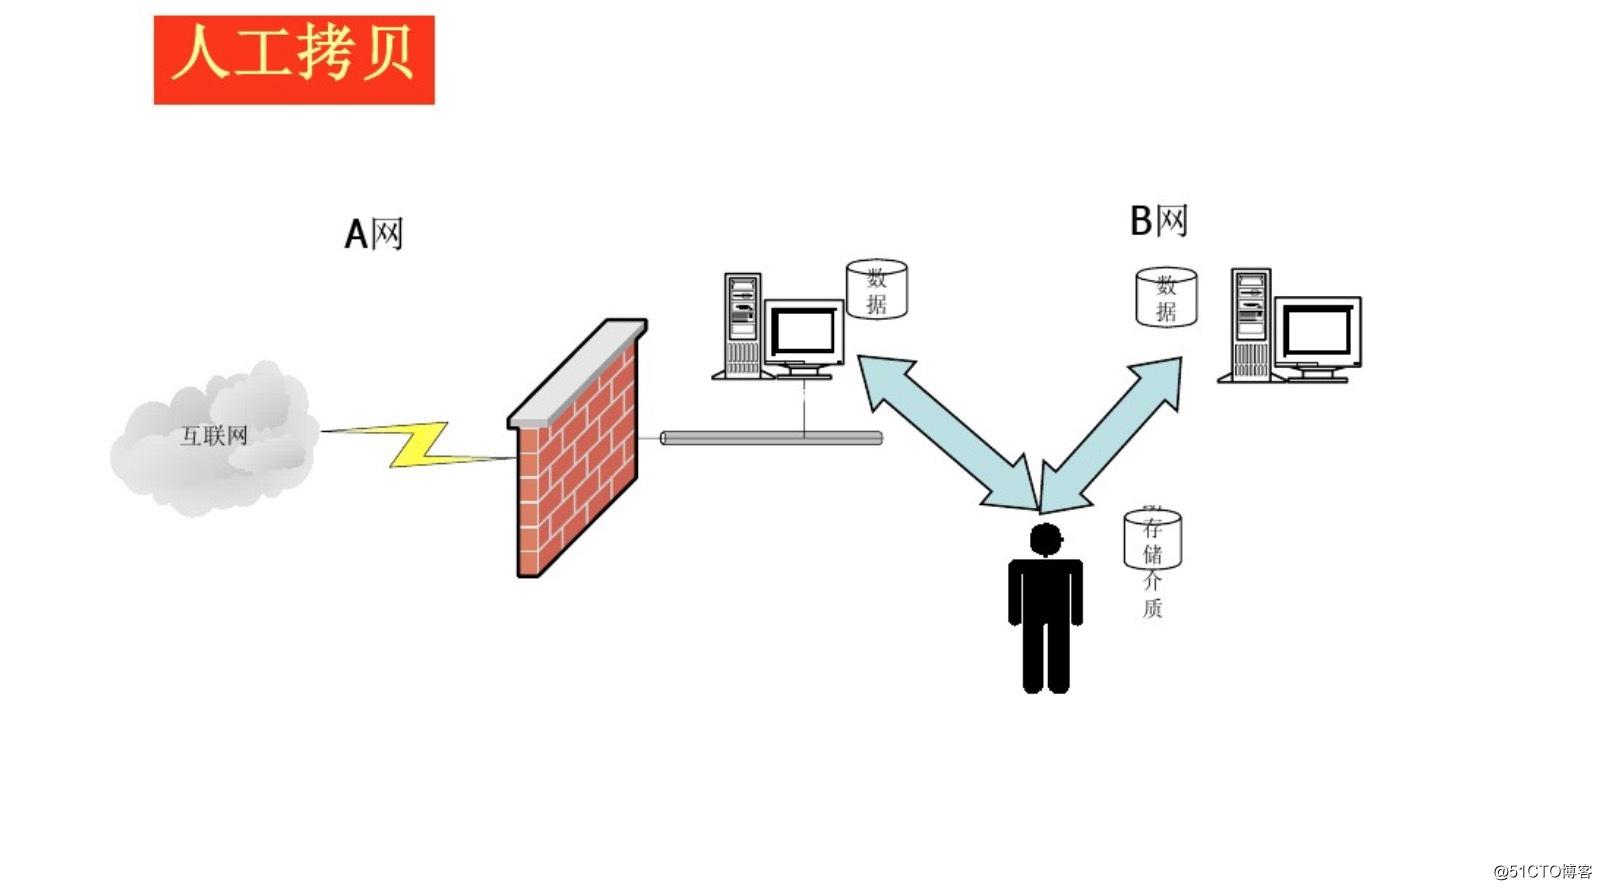 如何在现有复杂网络上建立隔离网提供病毒样本分析,且不蔓延内网。